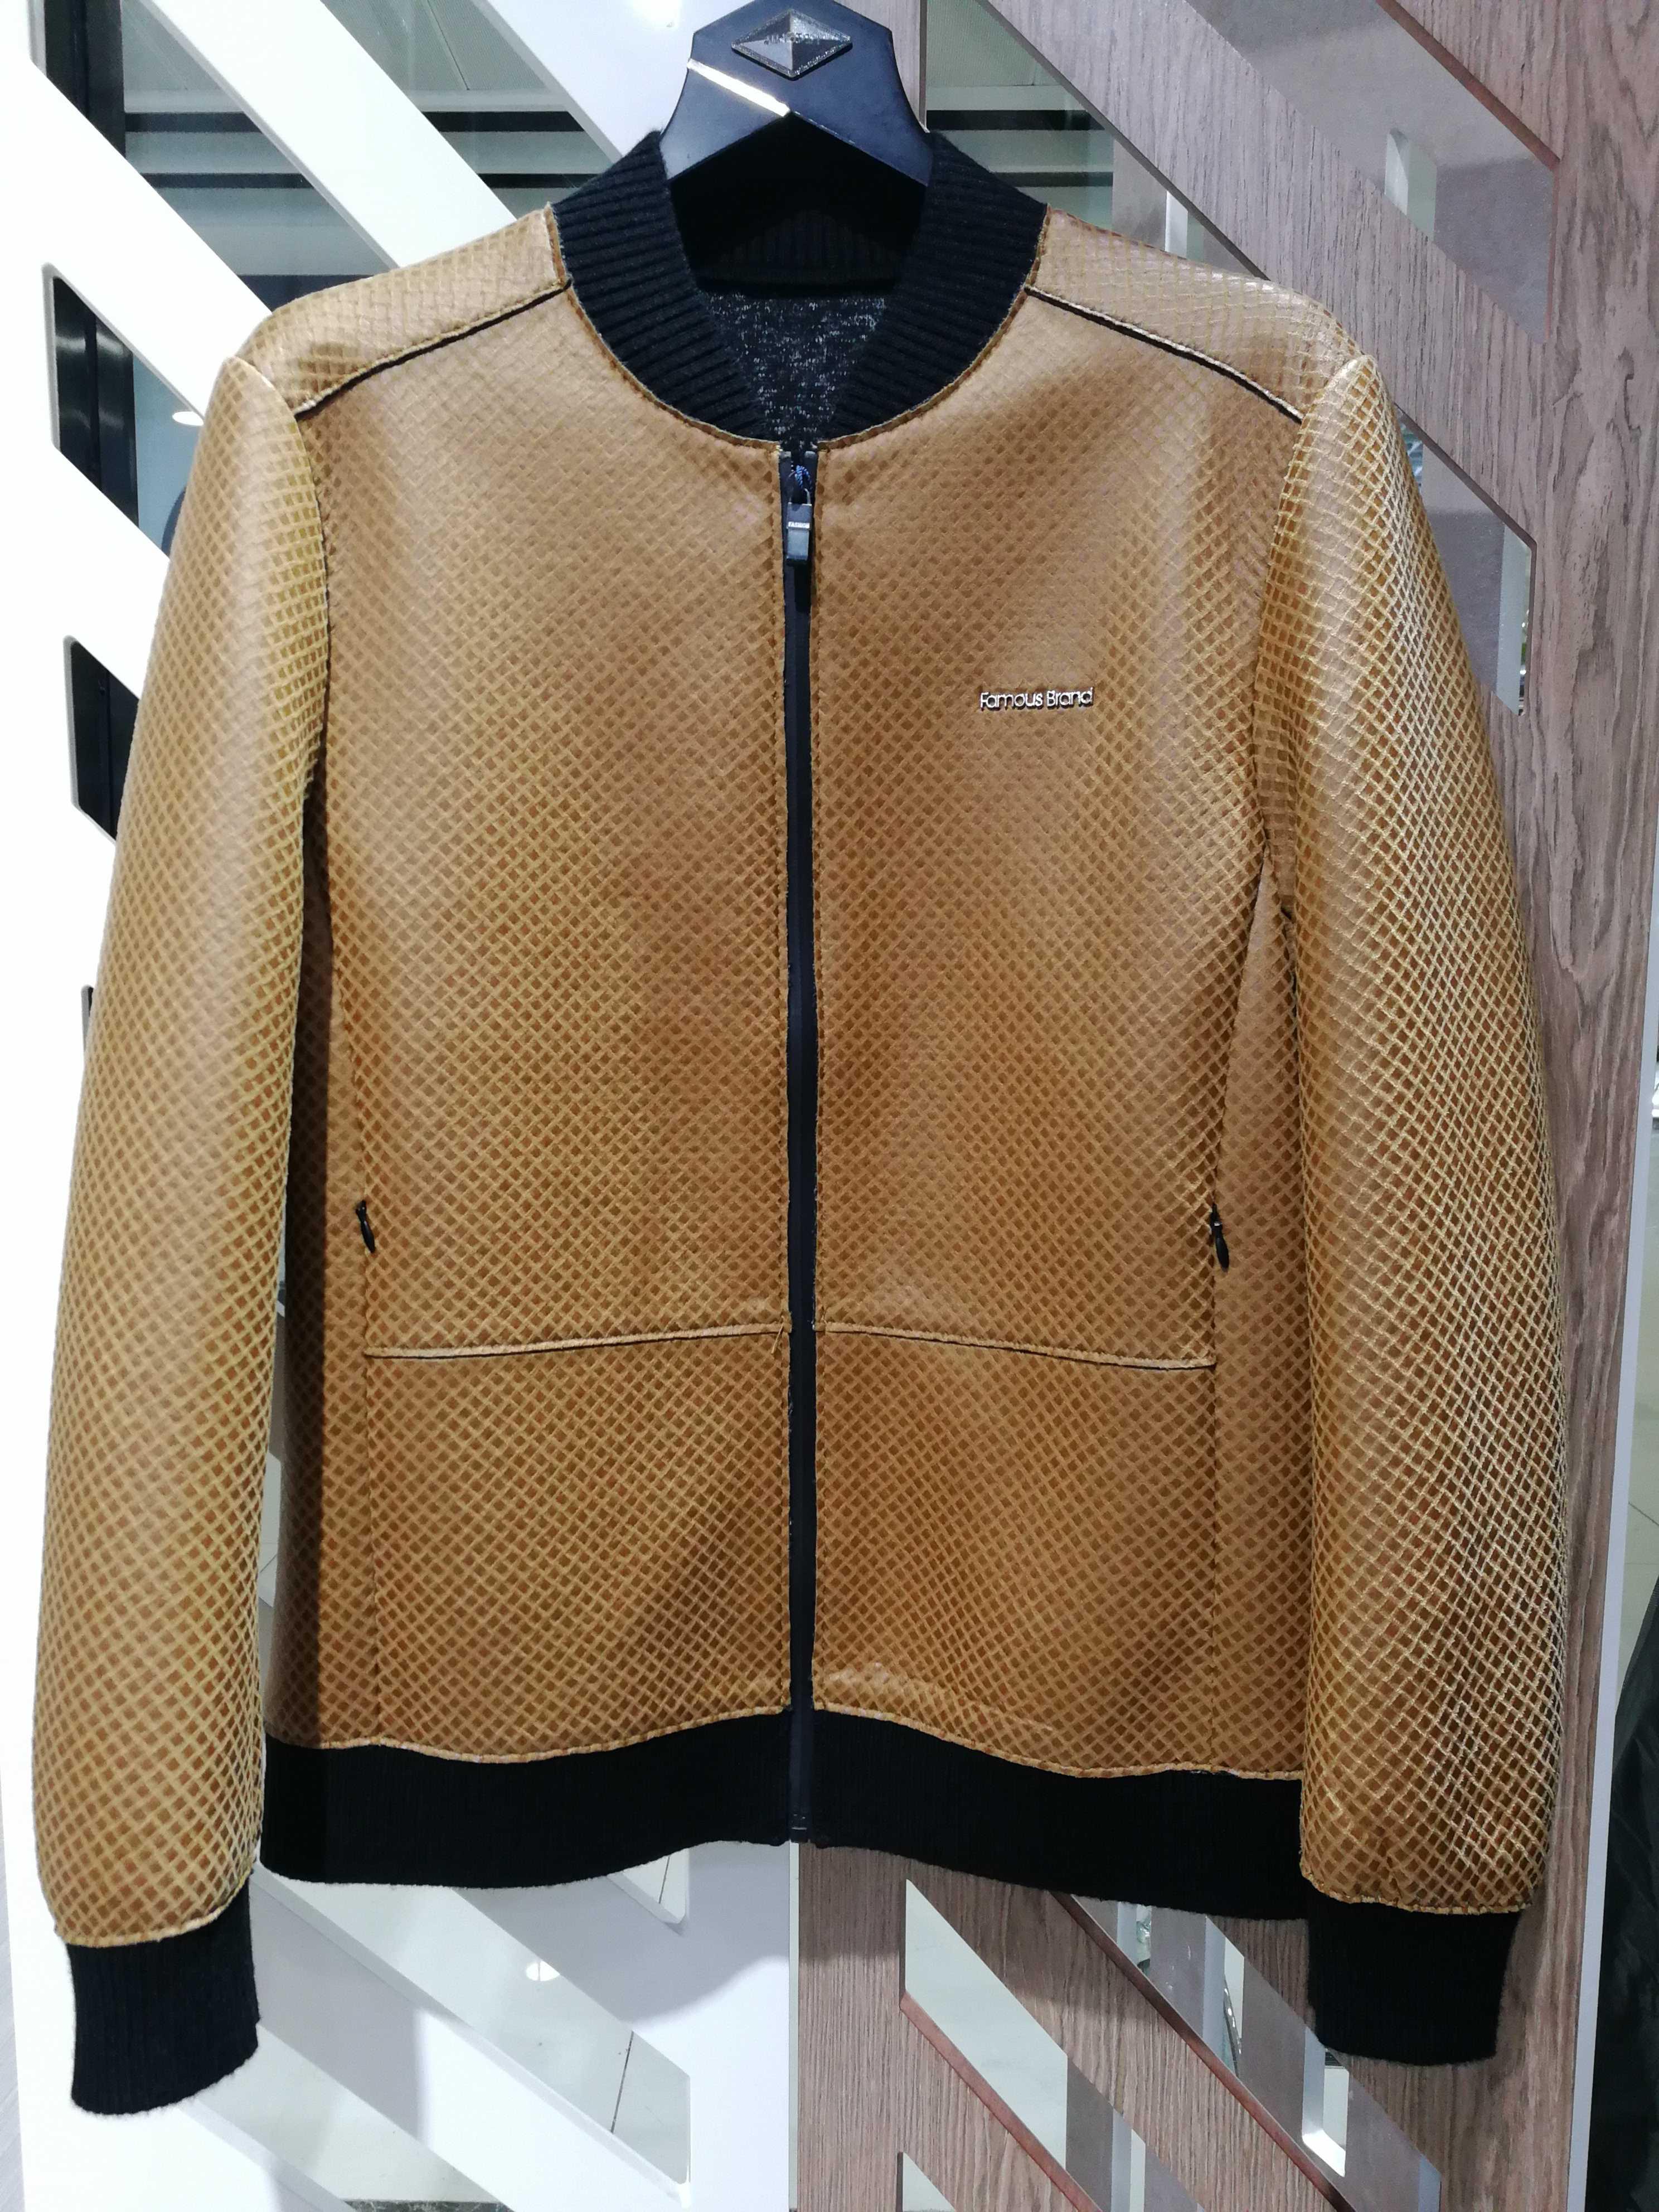 皮夹克潮流茄克衫男士领男装皮衣秋冬装18新款棒球时尚豪威堡外套